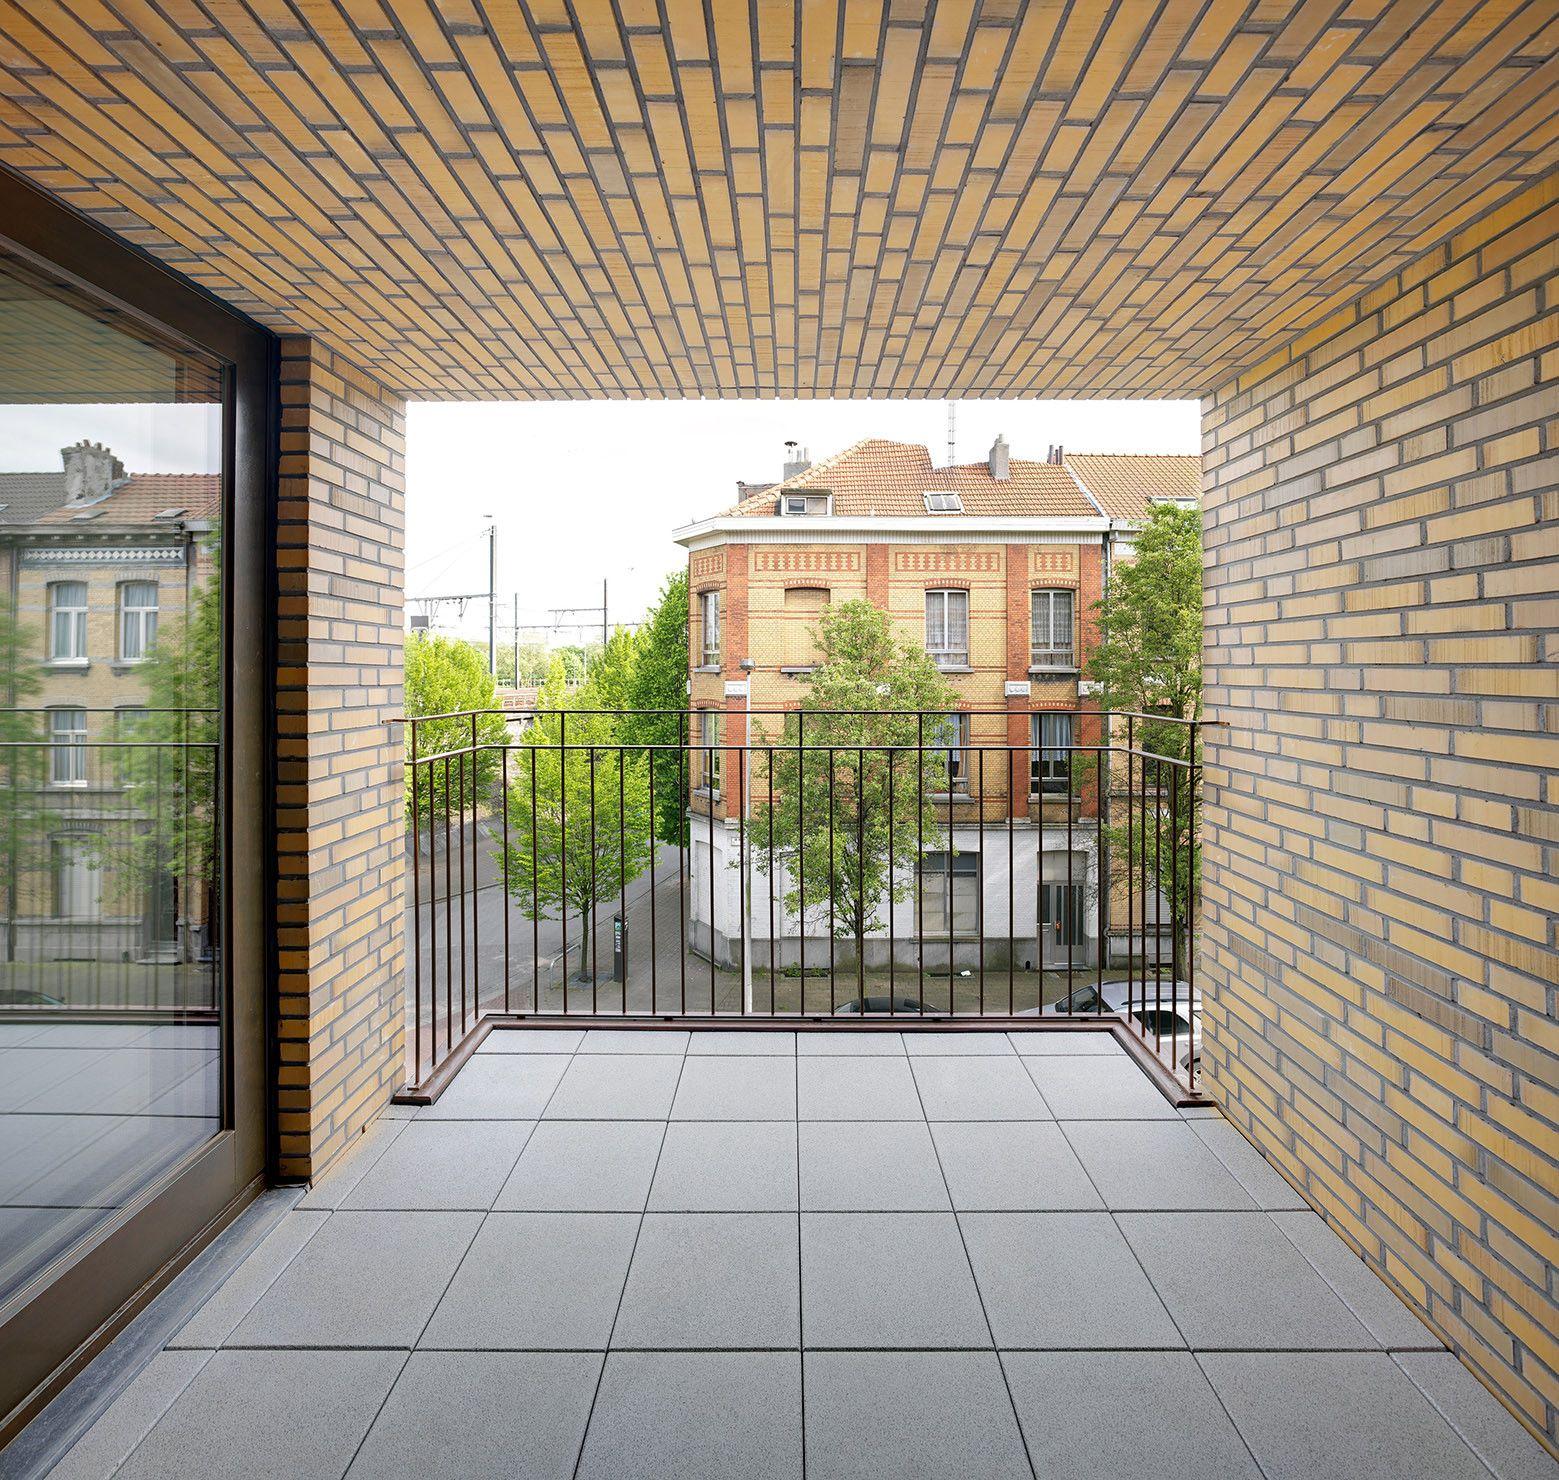 Gallery - Collective housing AGVC / De Gouden Liniaal Architecten - 9